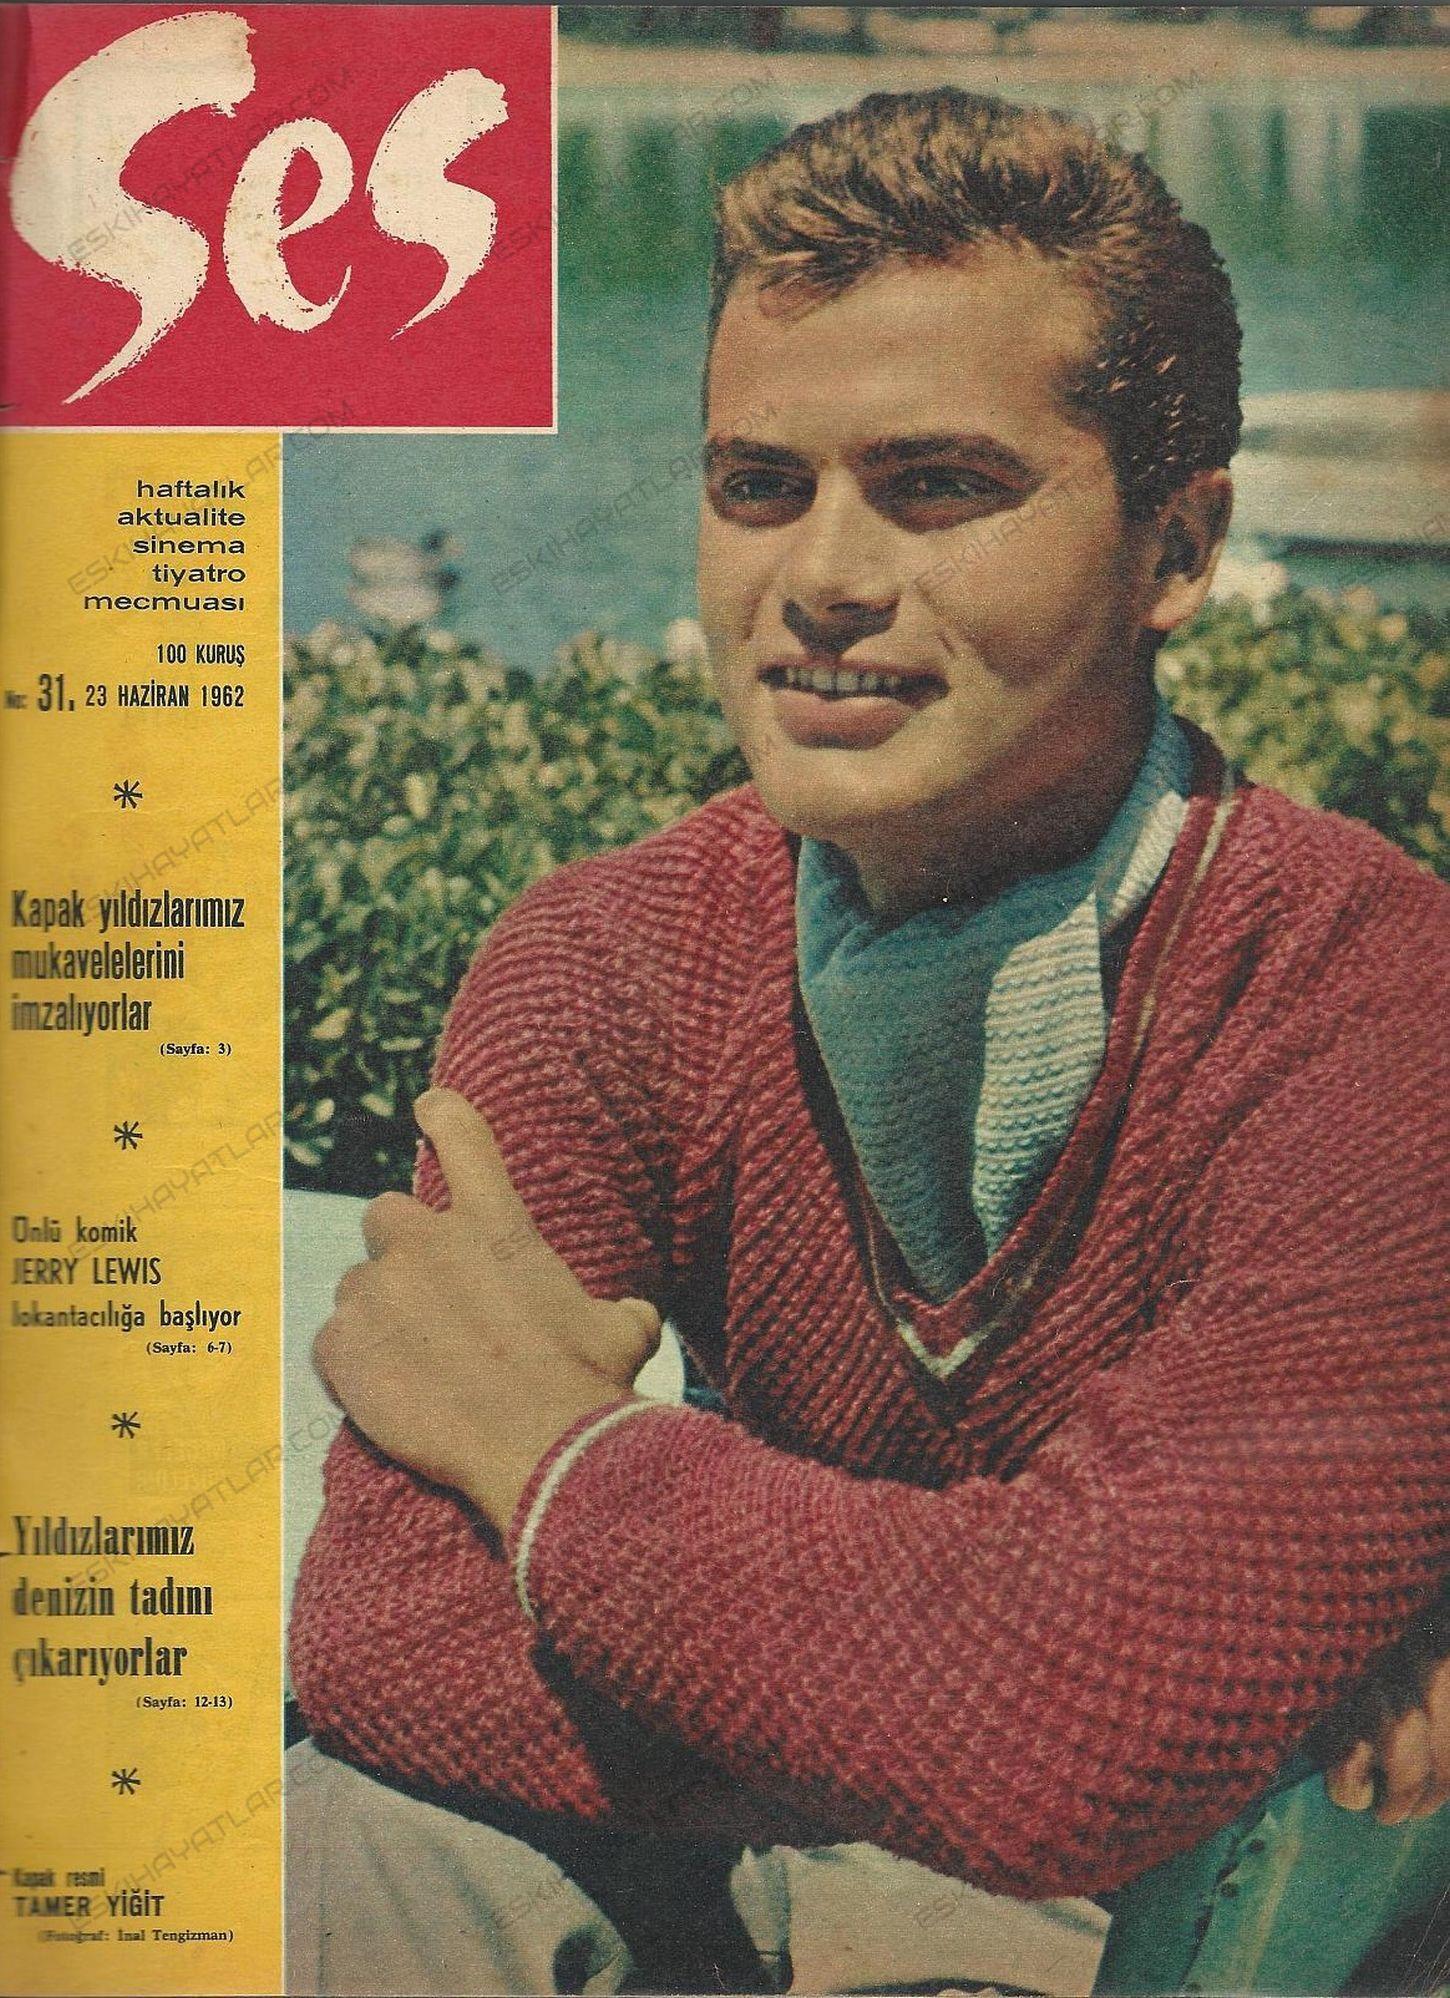 nilufer-aydan-kimdir-birsen-kaplangi-kimdir-leyla-sayar-fotograflari-nilgun-esen-gencligi-1962-yilinda-istanbul-neriman-koksal-gencligi (3)